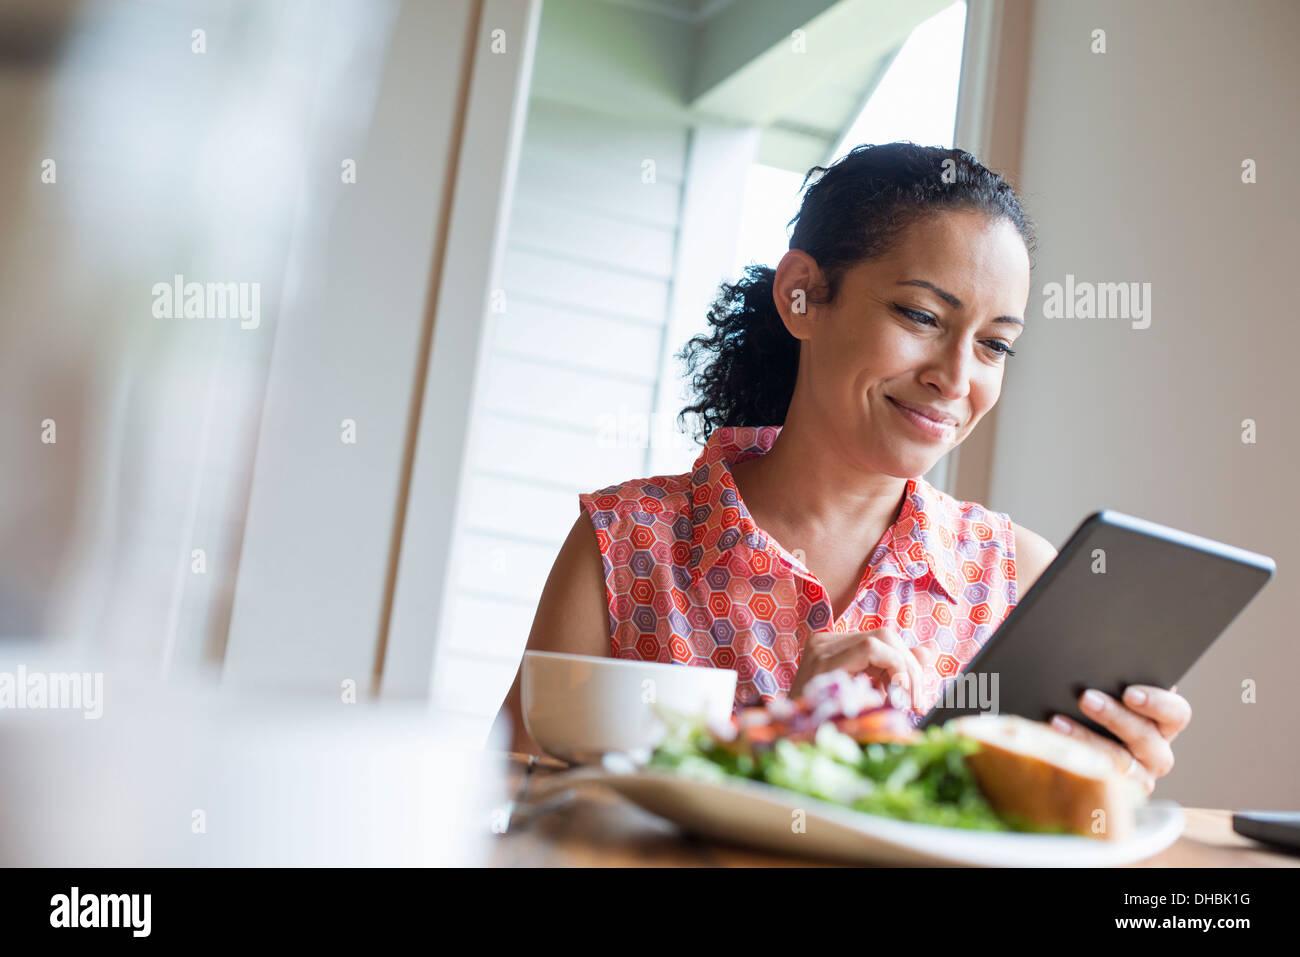 Eine junge Frau, lesen vom Bildschirm des digital-Tablette, an einem Tisch sitzen. Kaffee und ein Sandwich. Stockbild